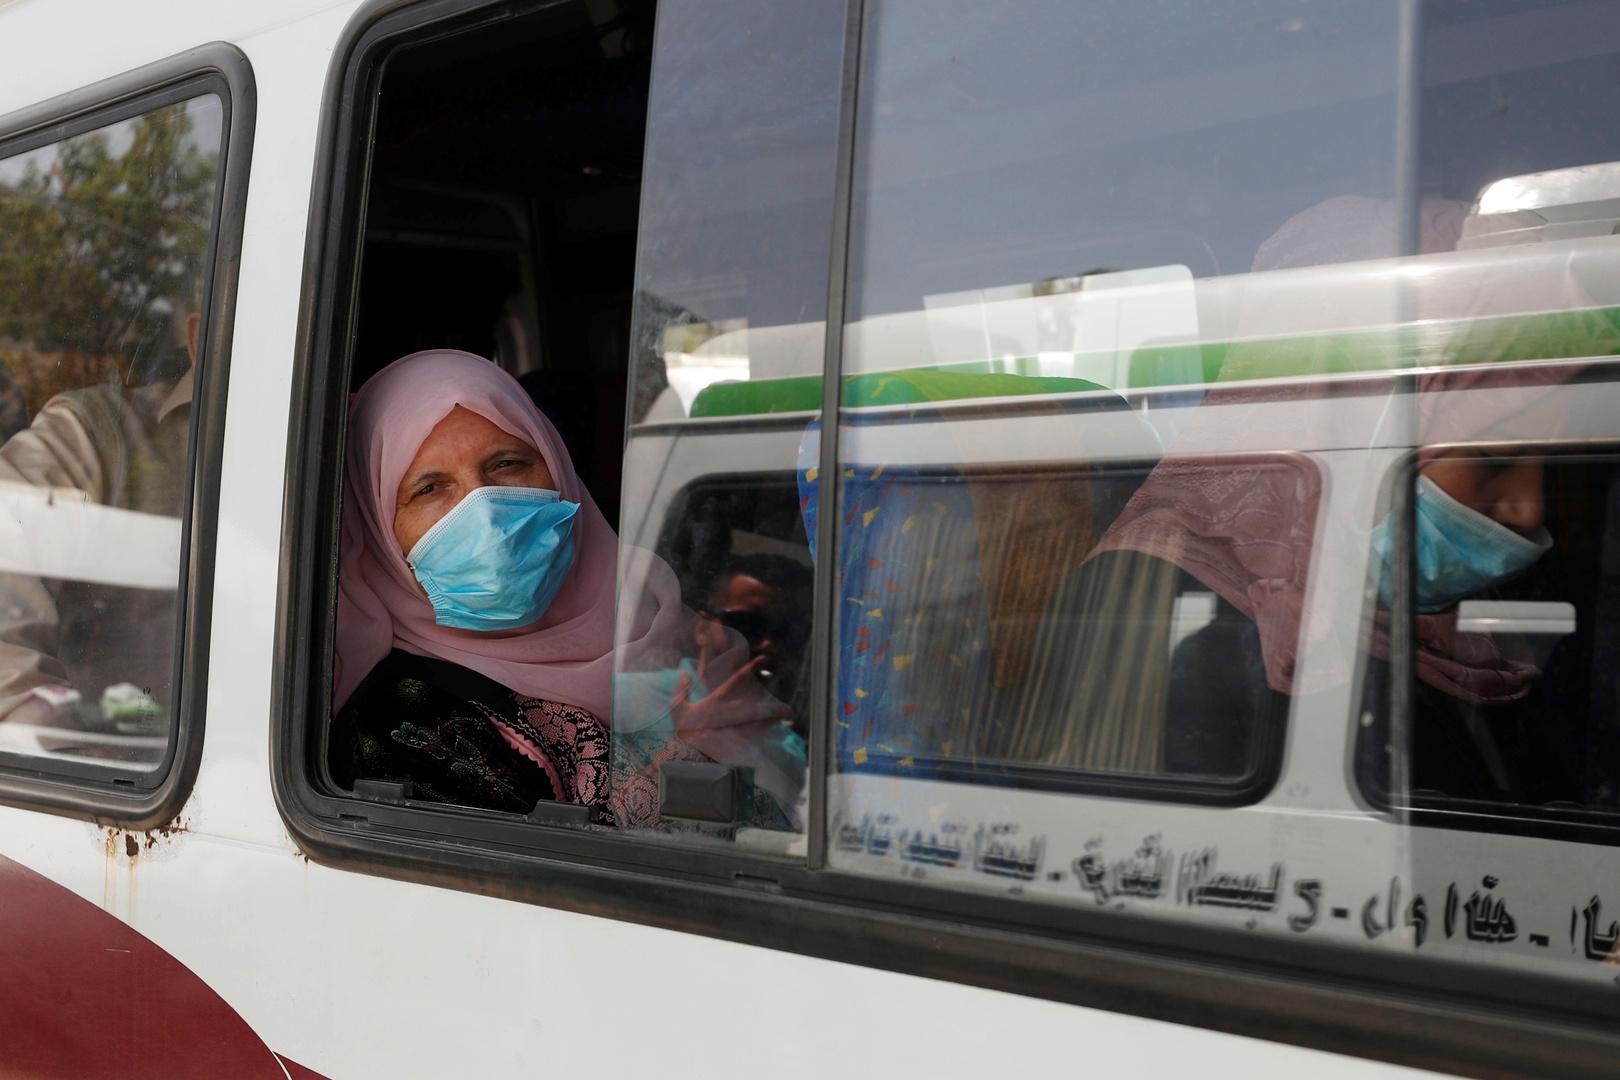 فلسطين.. ارتفاع حصيلة إصابات كورونا إلى 1184 حالة